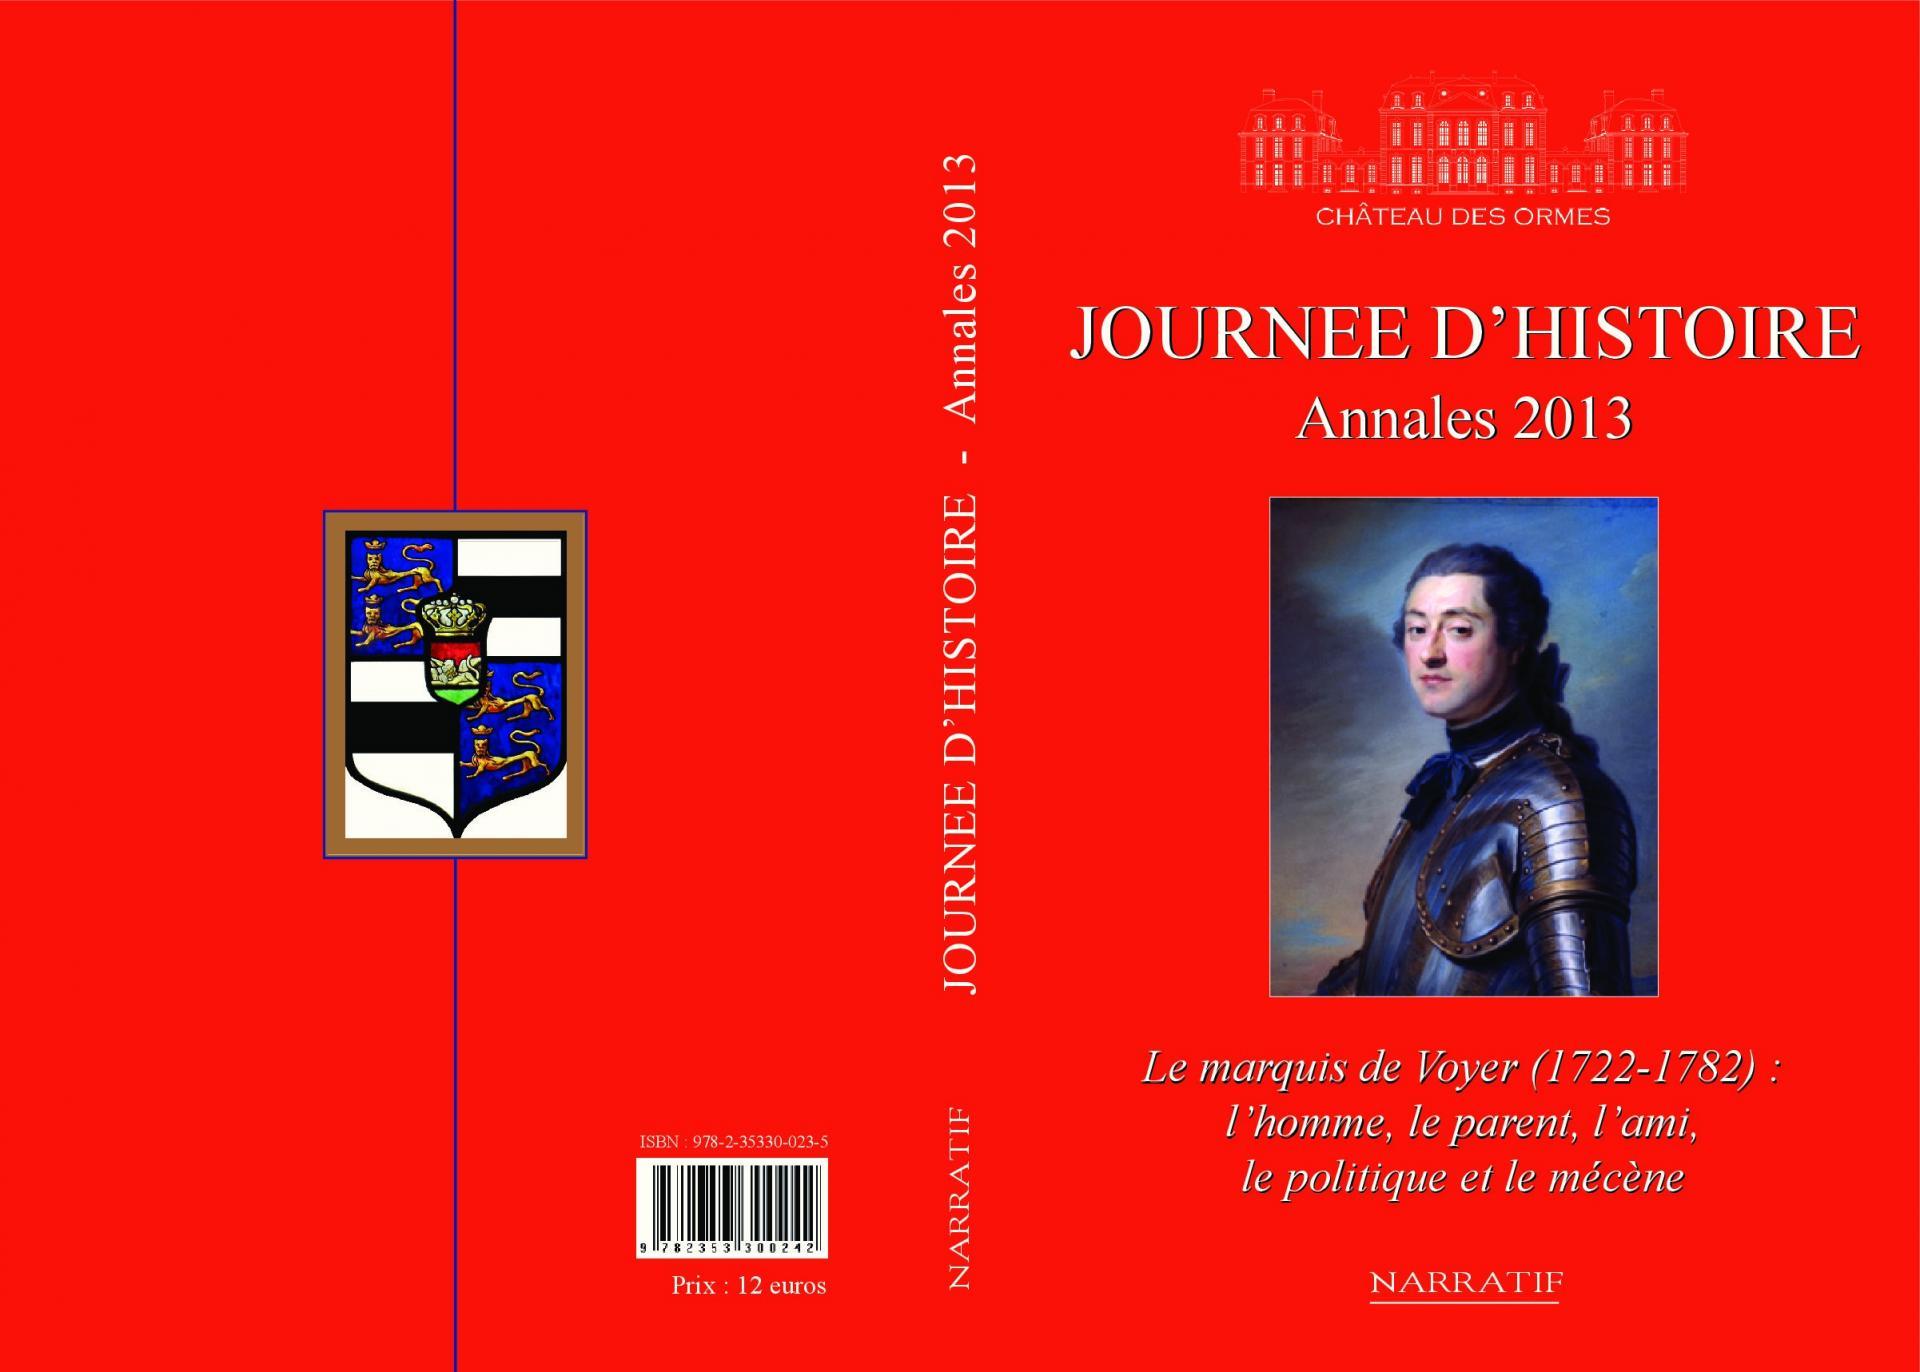 Couverture annales 2013